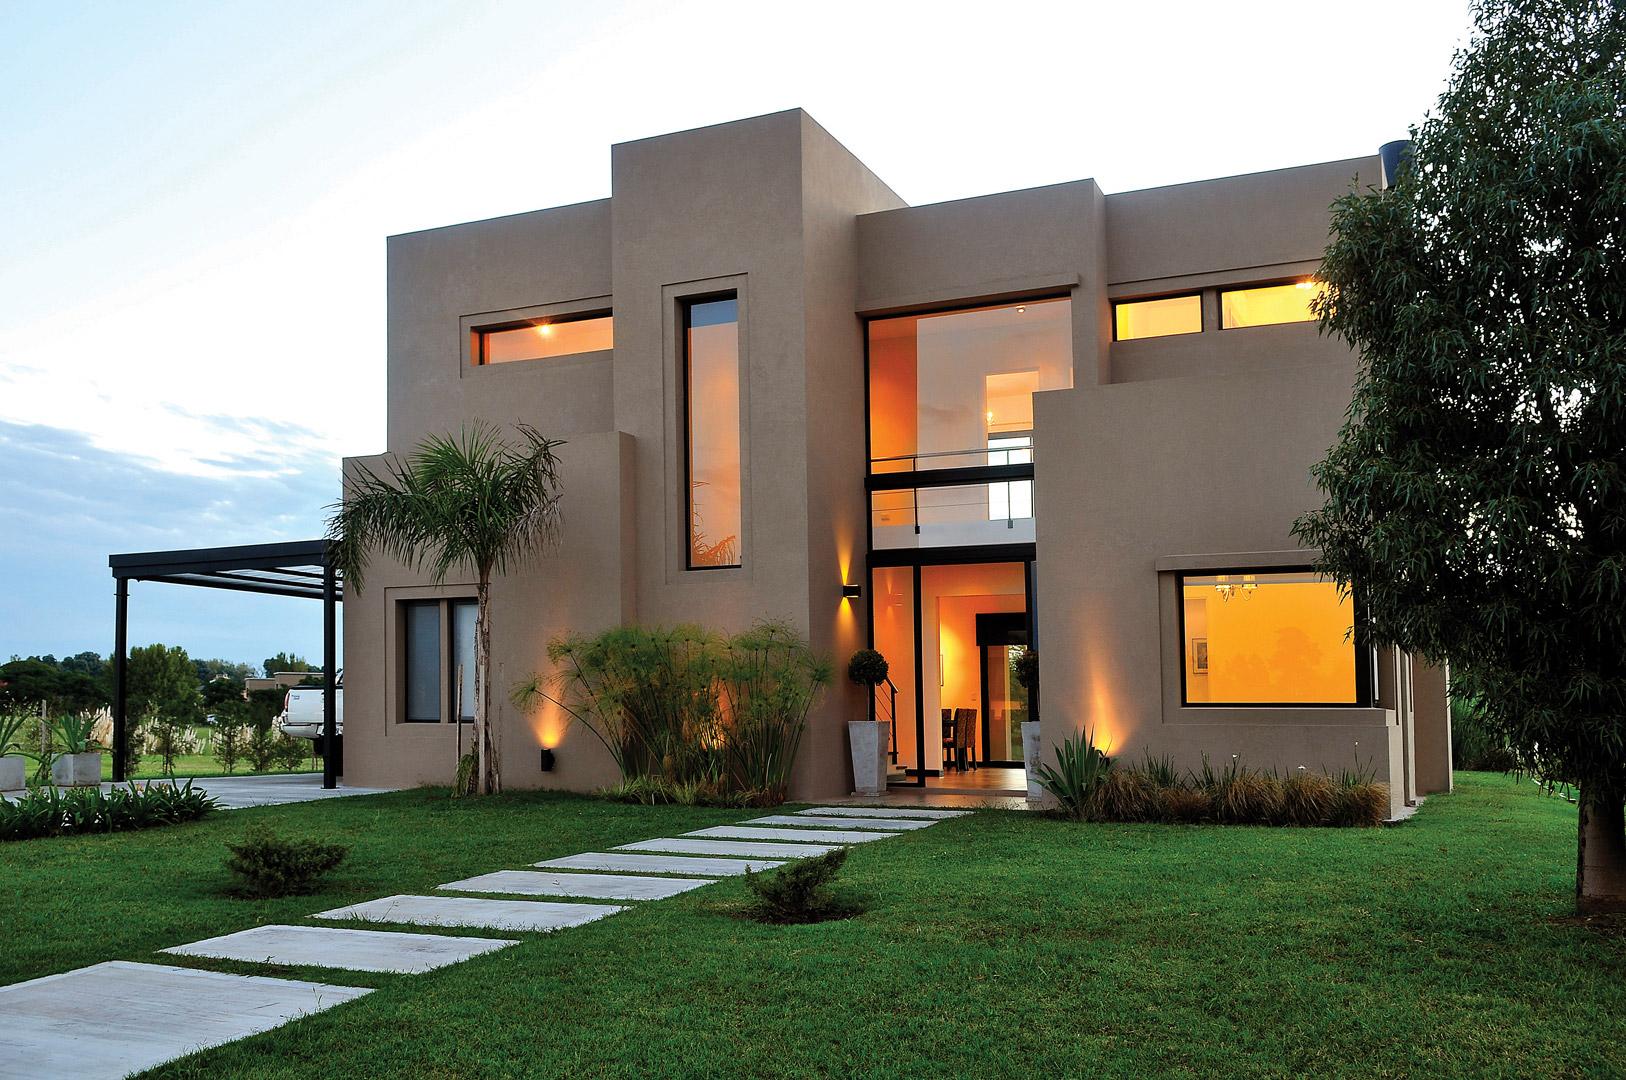 Arquitectura de casas informaci n sobre las casas - Arquitectura de casas ...